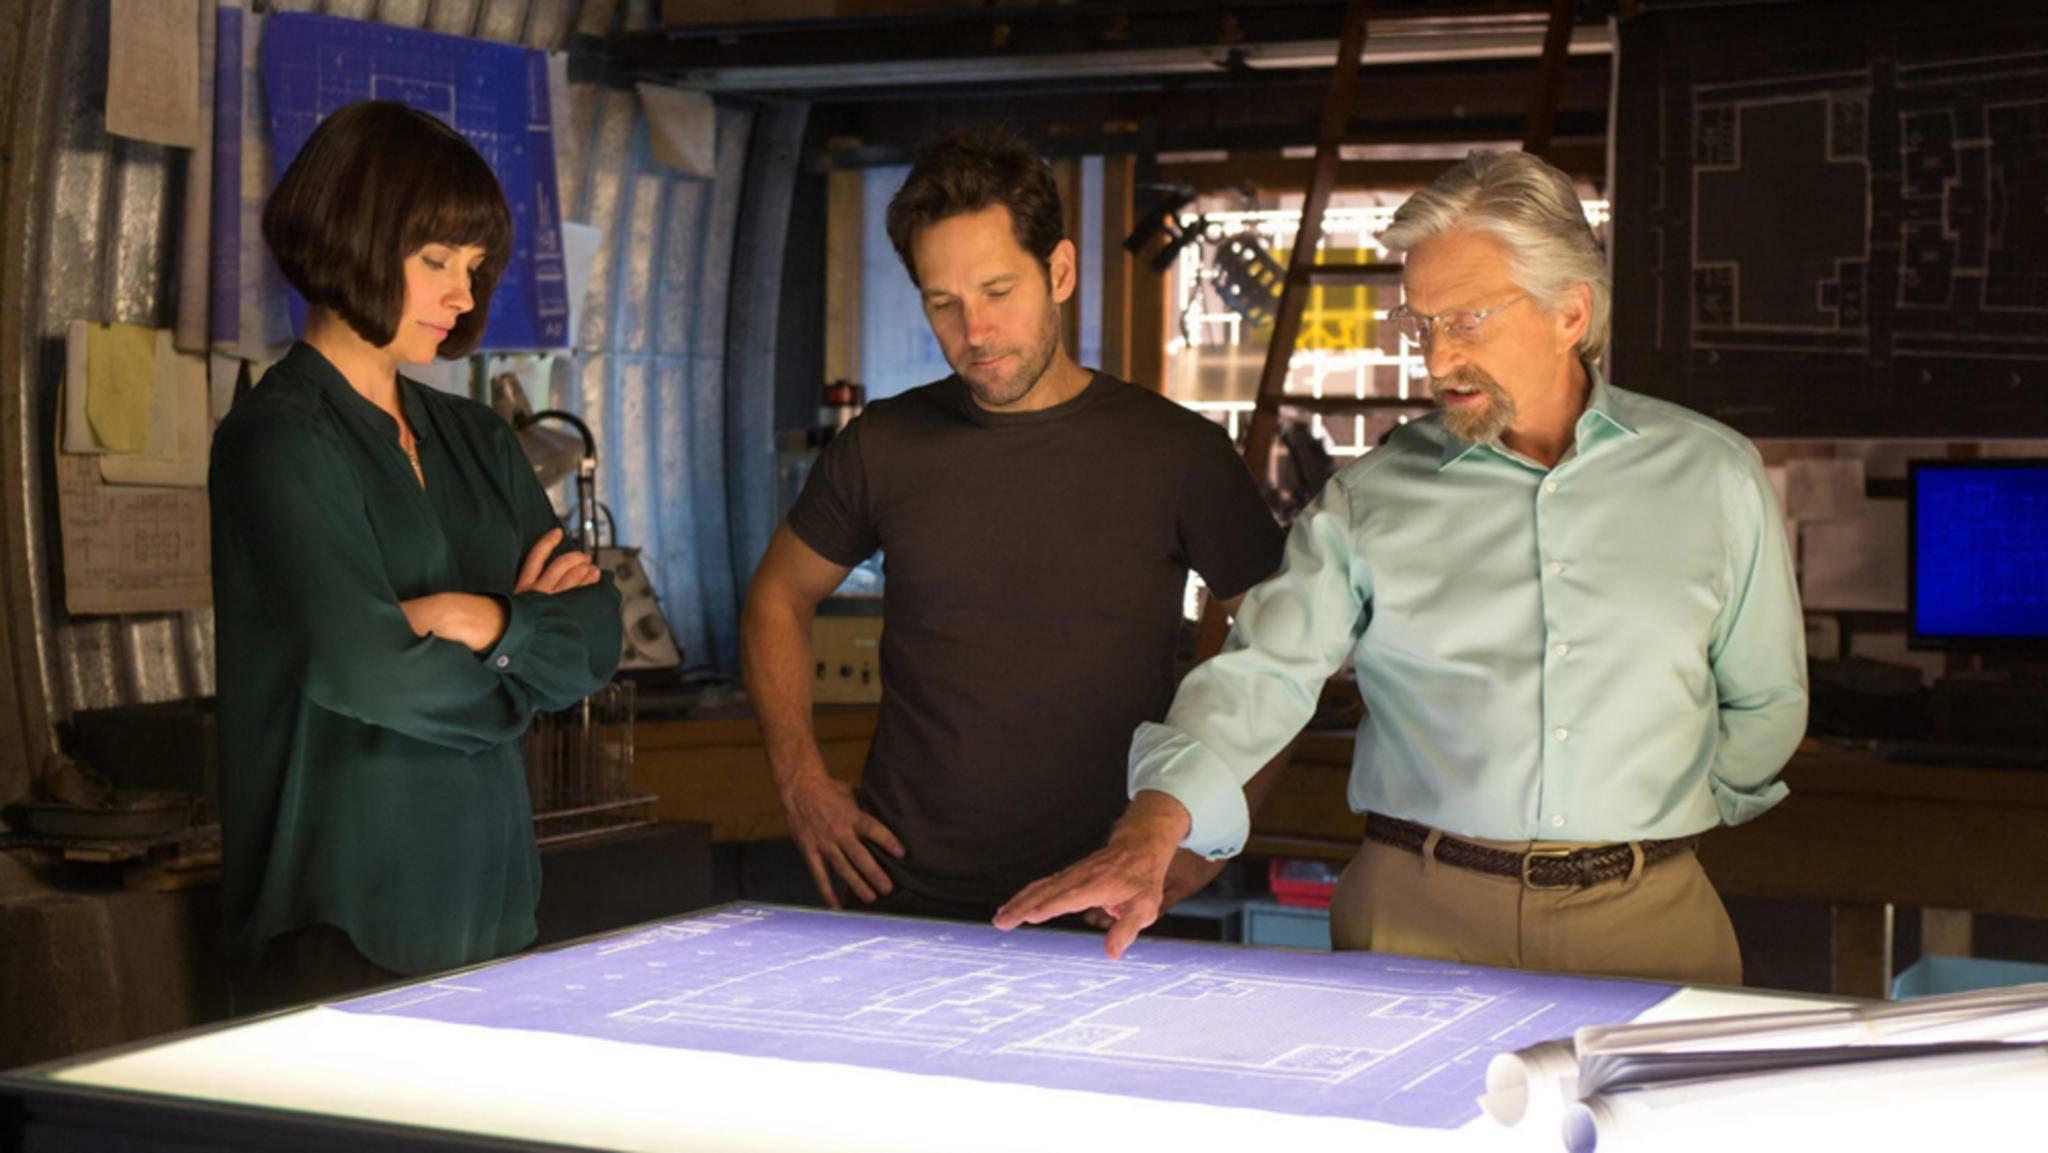 Die zukünftige Wasp, Hope (links), schmiedet zusammen mit Ant-Man alias Scott (Mitte) und ihrem Vater Hank Pym (rechts) Pläne.